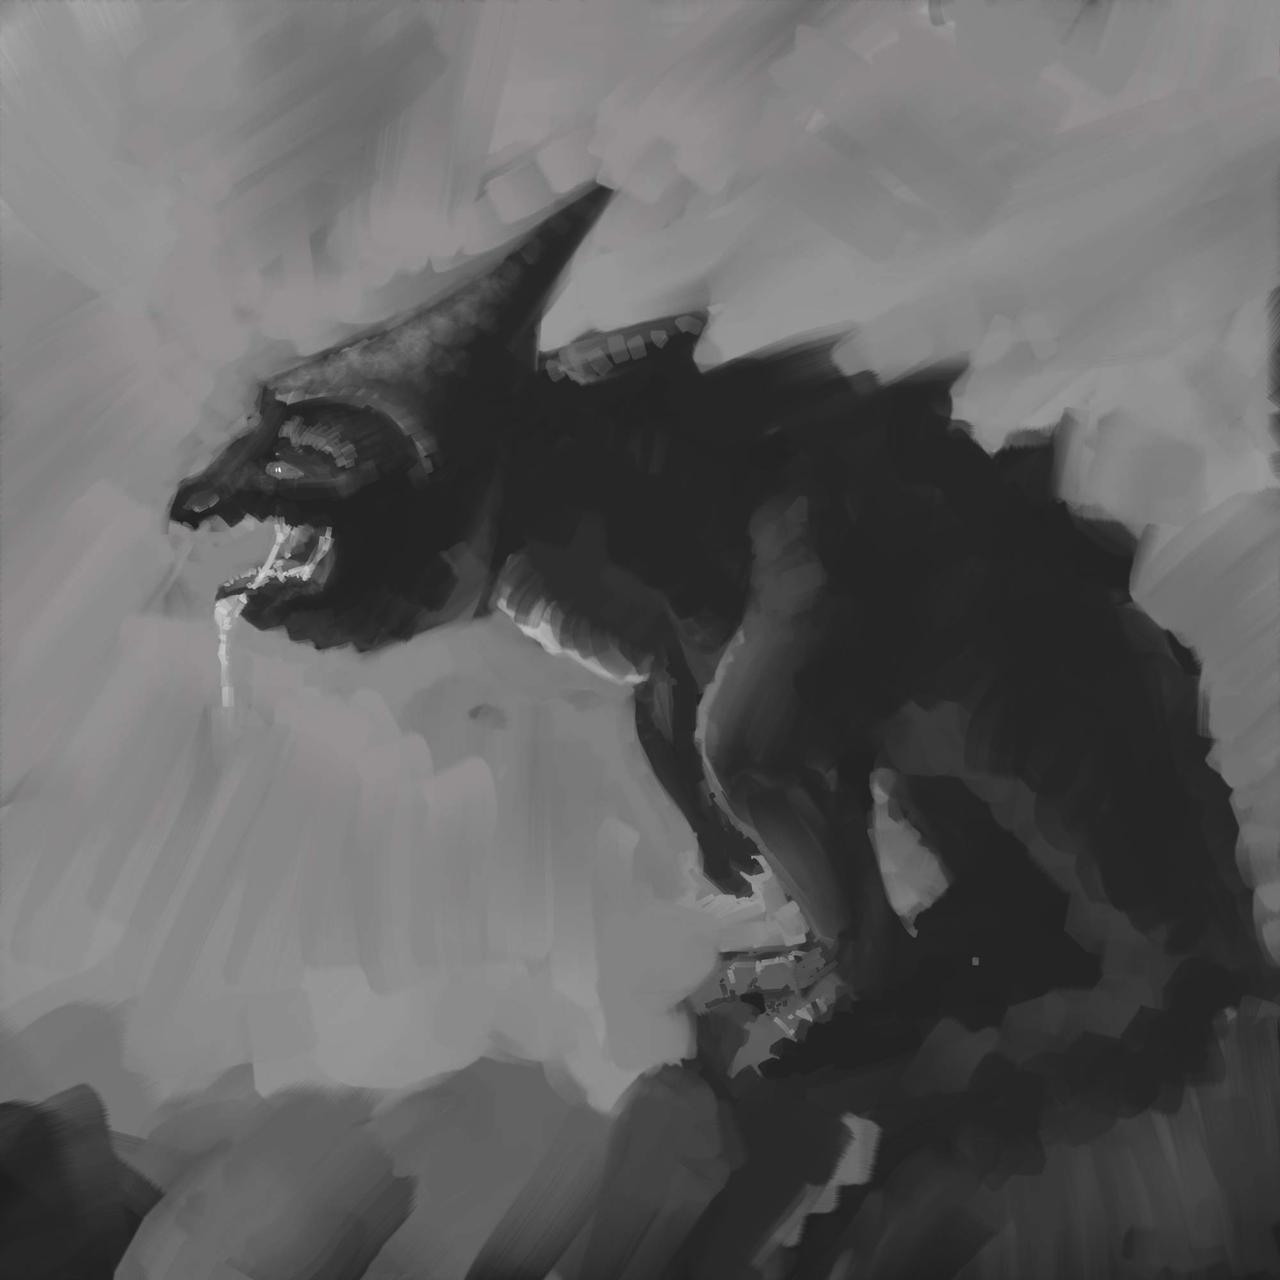 DinoMaw by Drachis